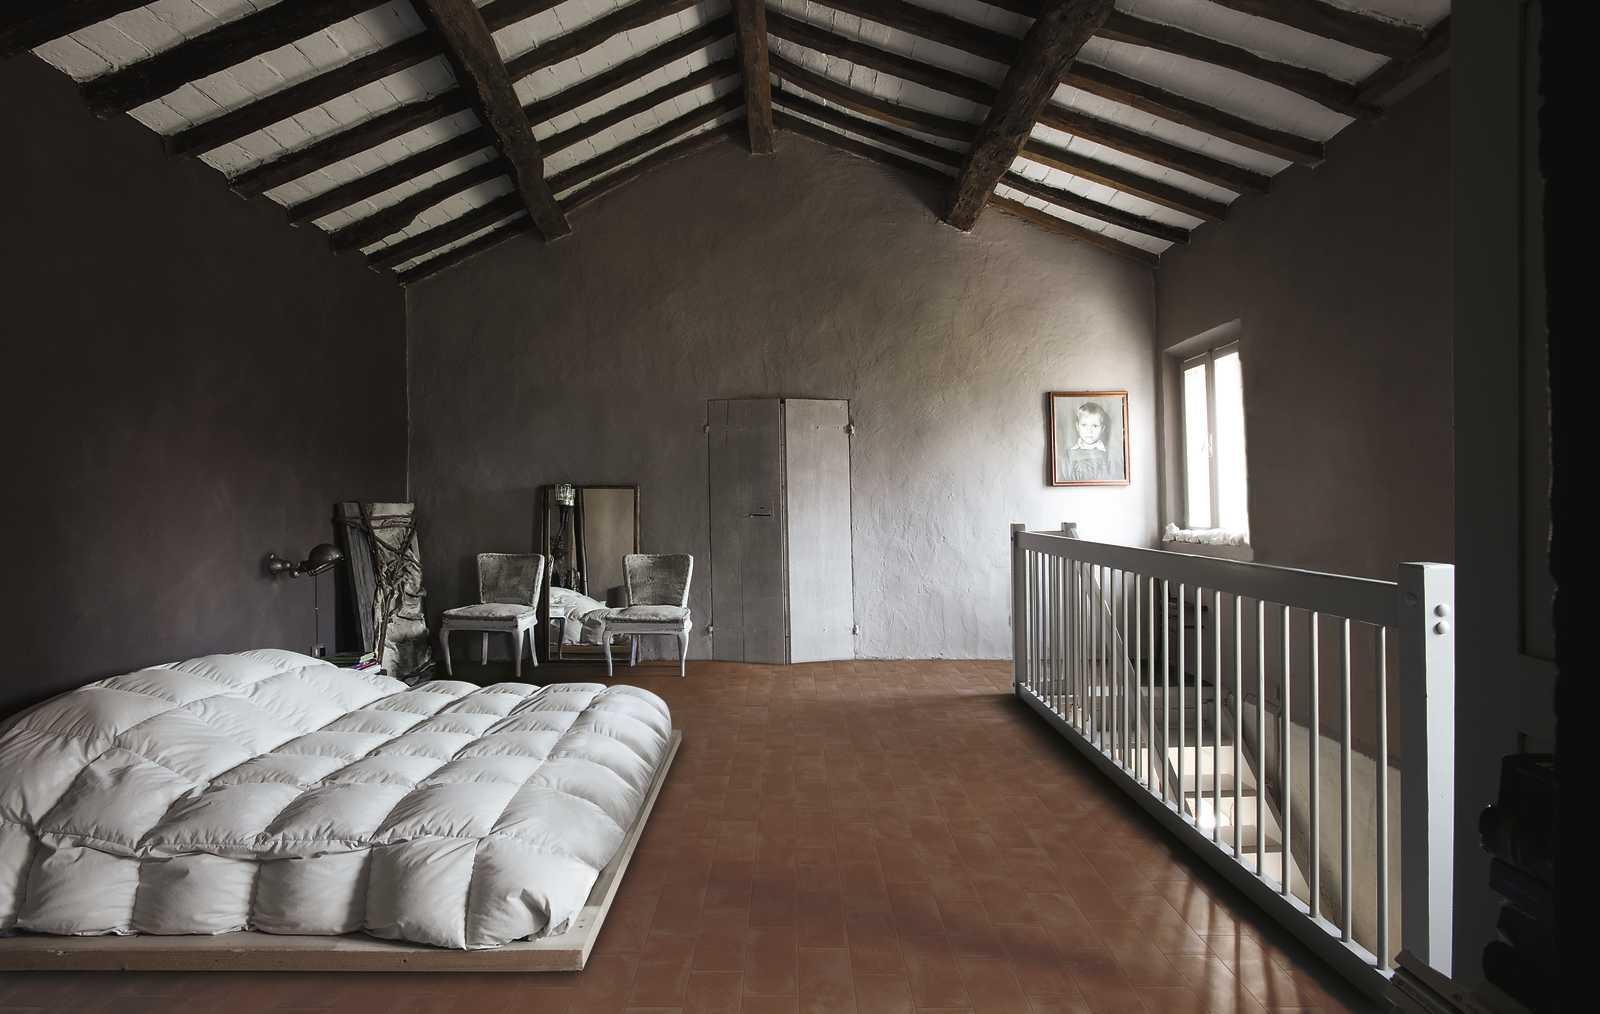 Marazzi COTTI D ITALIA Marrone interior